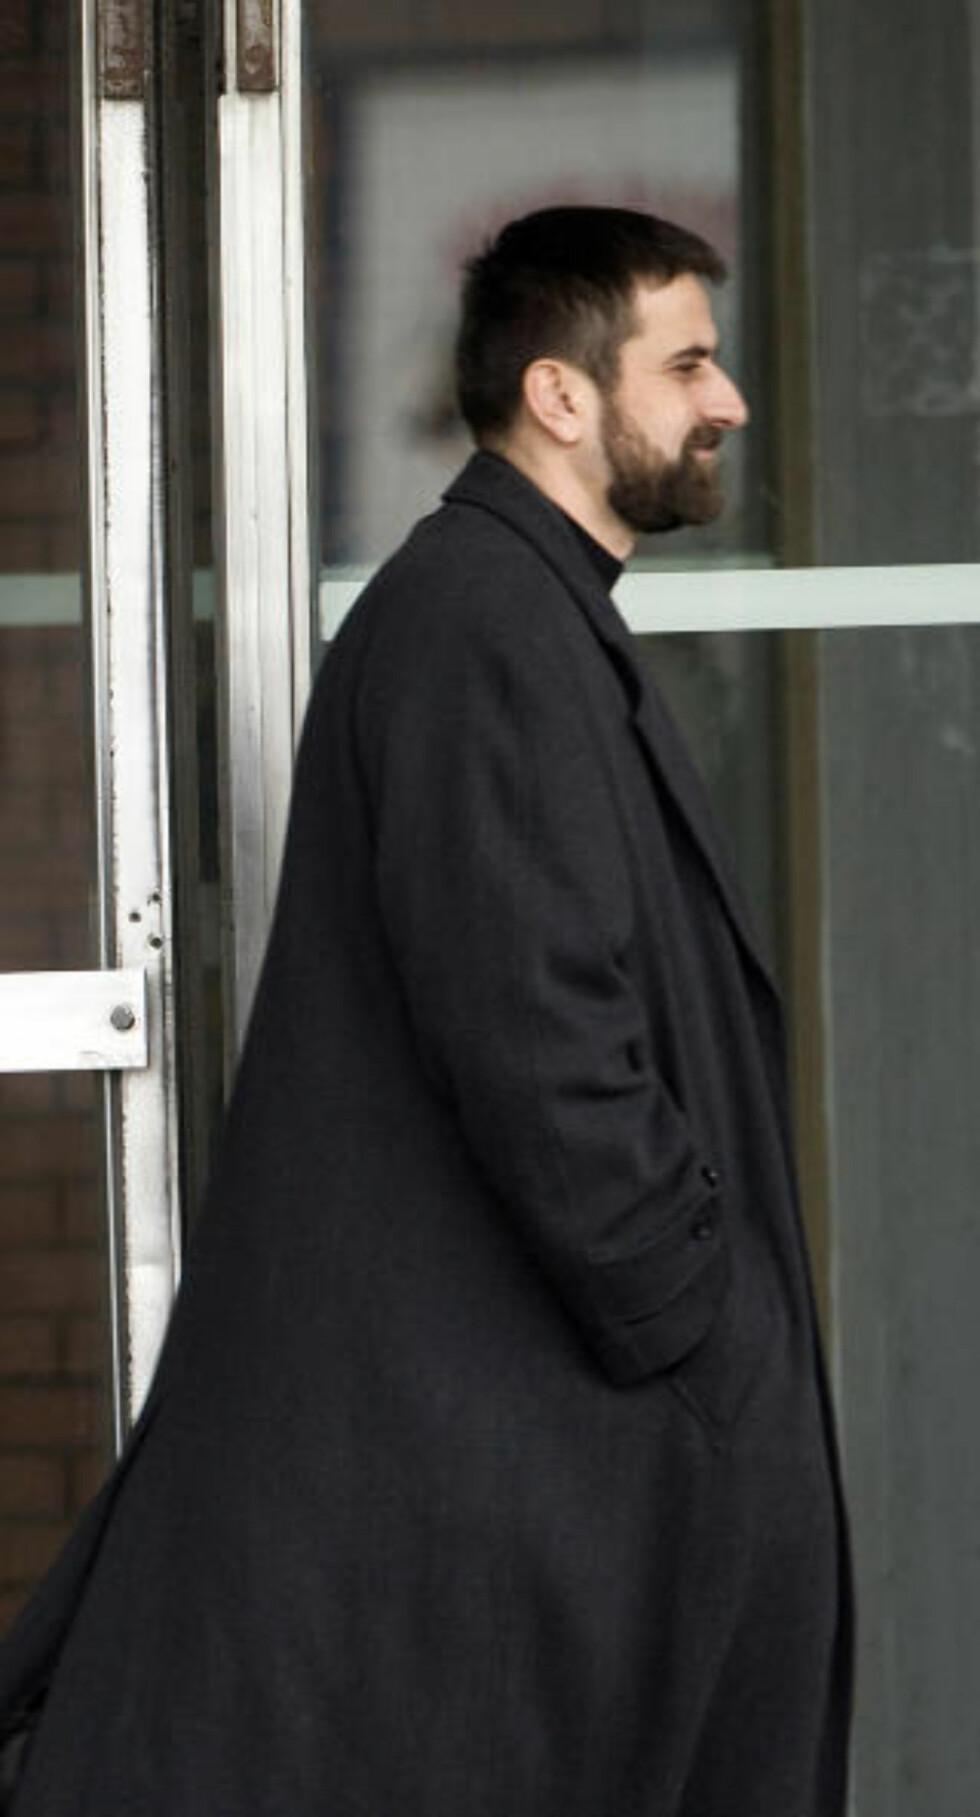 BREVIK-KONTAKT: Det blir i dag spekulert i om Milorad Pelemis kan være Breiviks kontakt i utlandet. Foto: BLIC